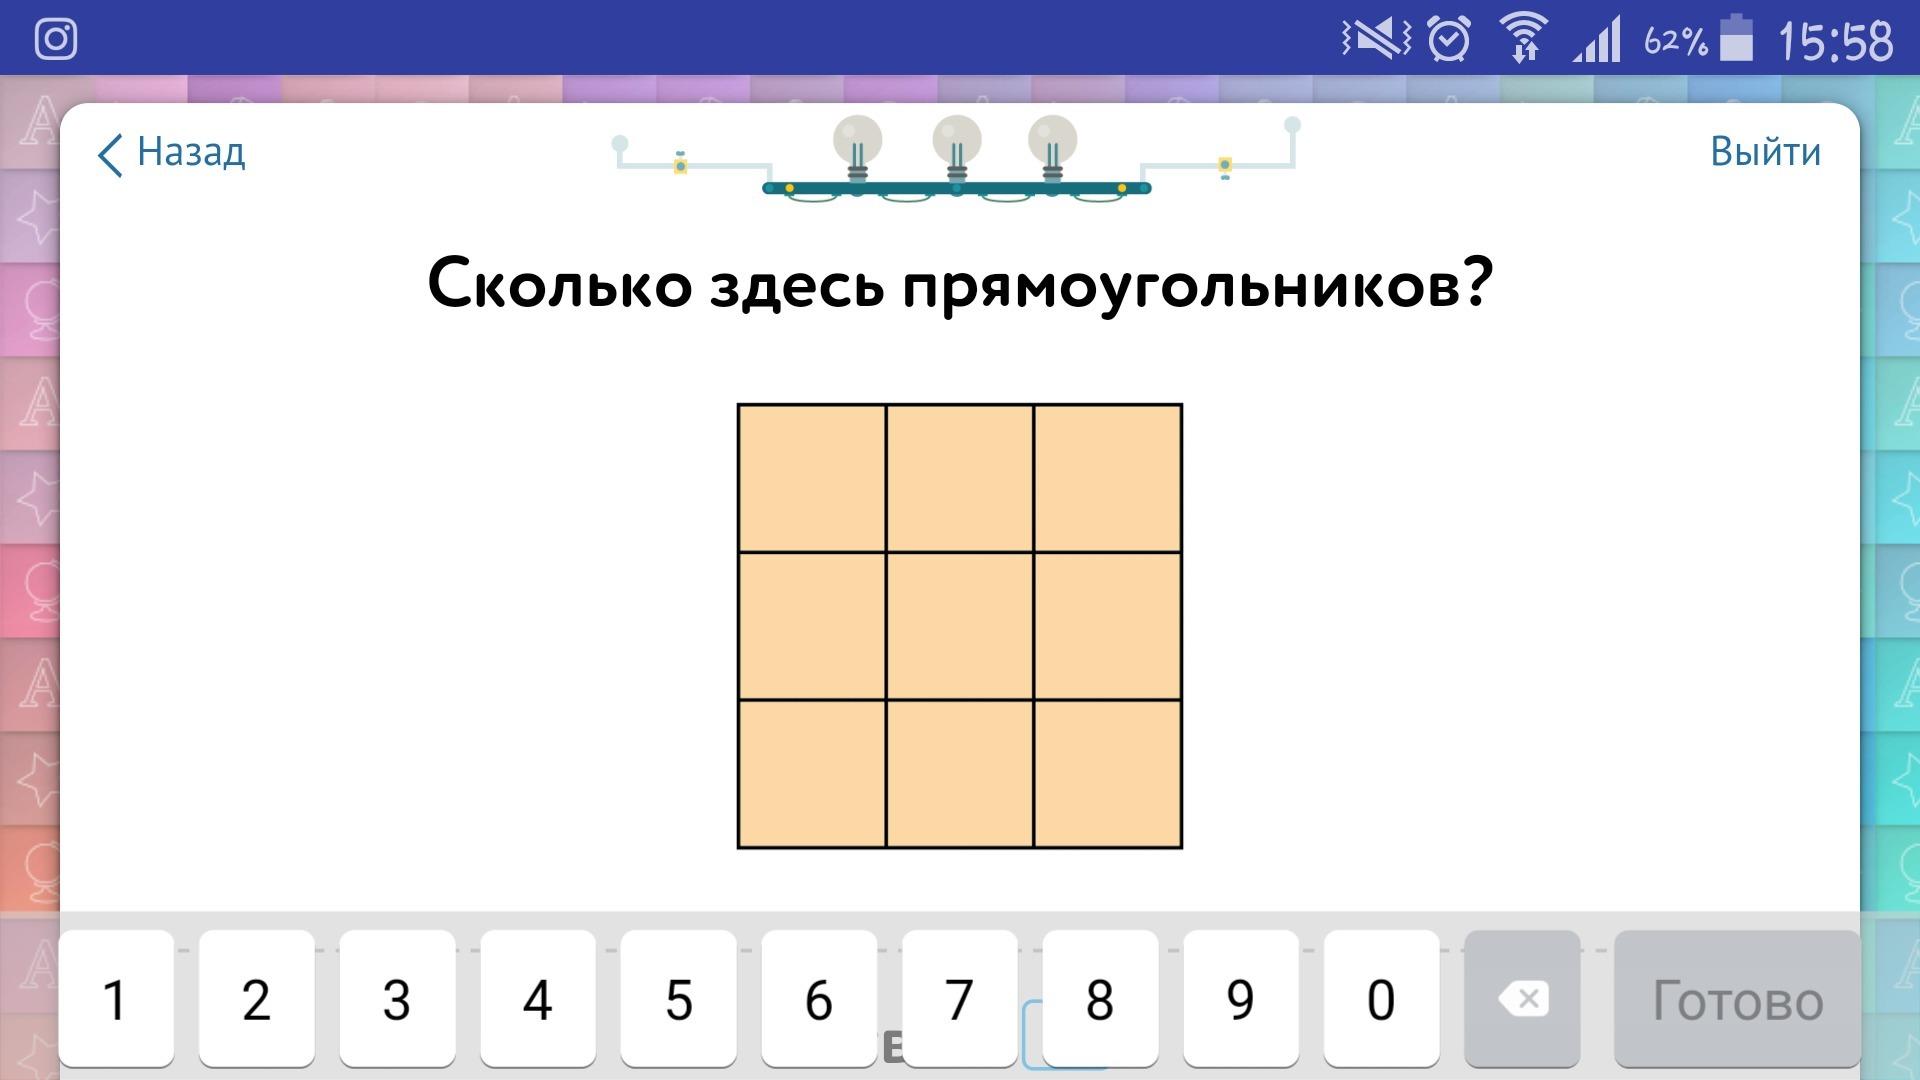 Сколько здесь прямоугольников